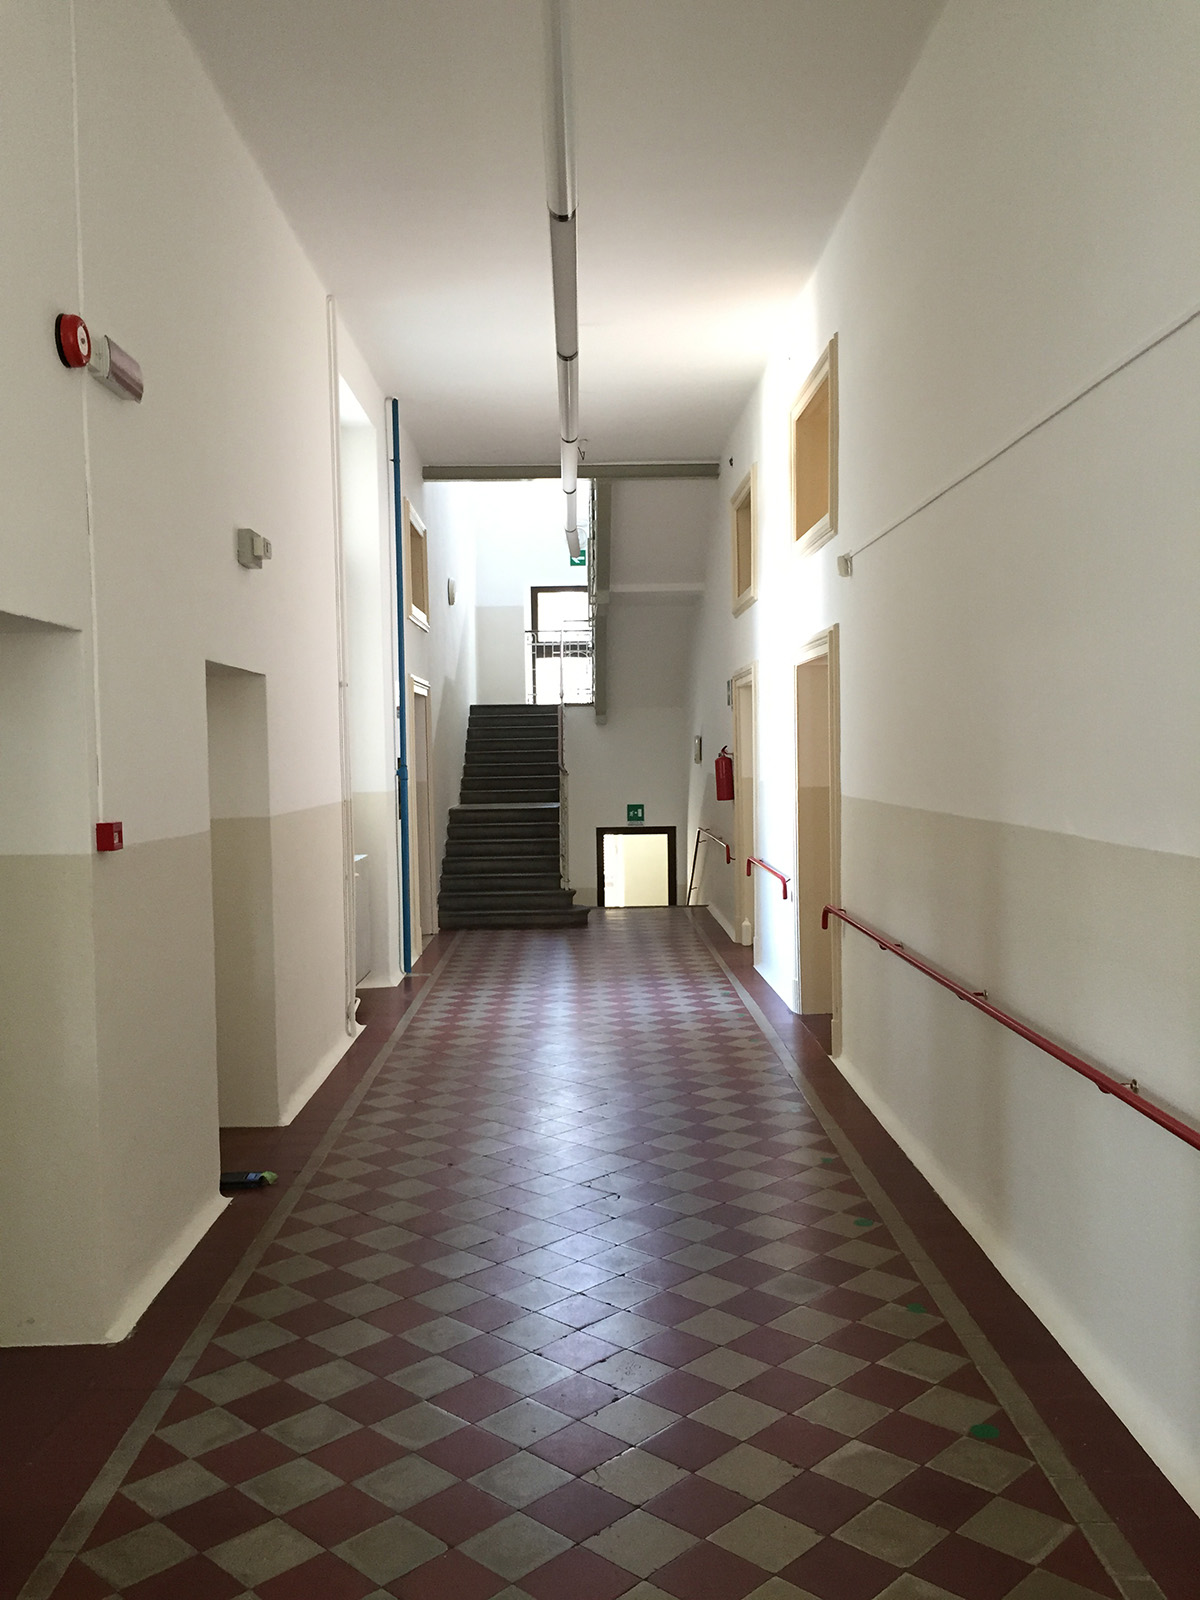 Perico-Renato-Pradalunga (BG) - Scuola comunale - Manutenzione straordinaria 7